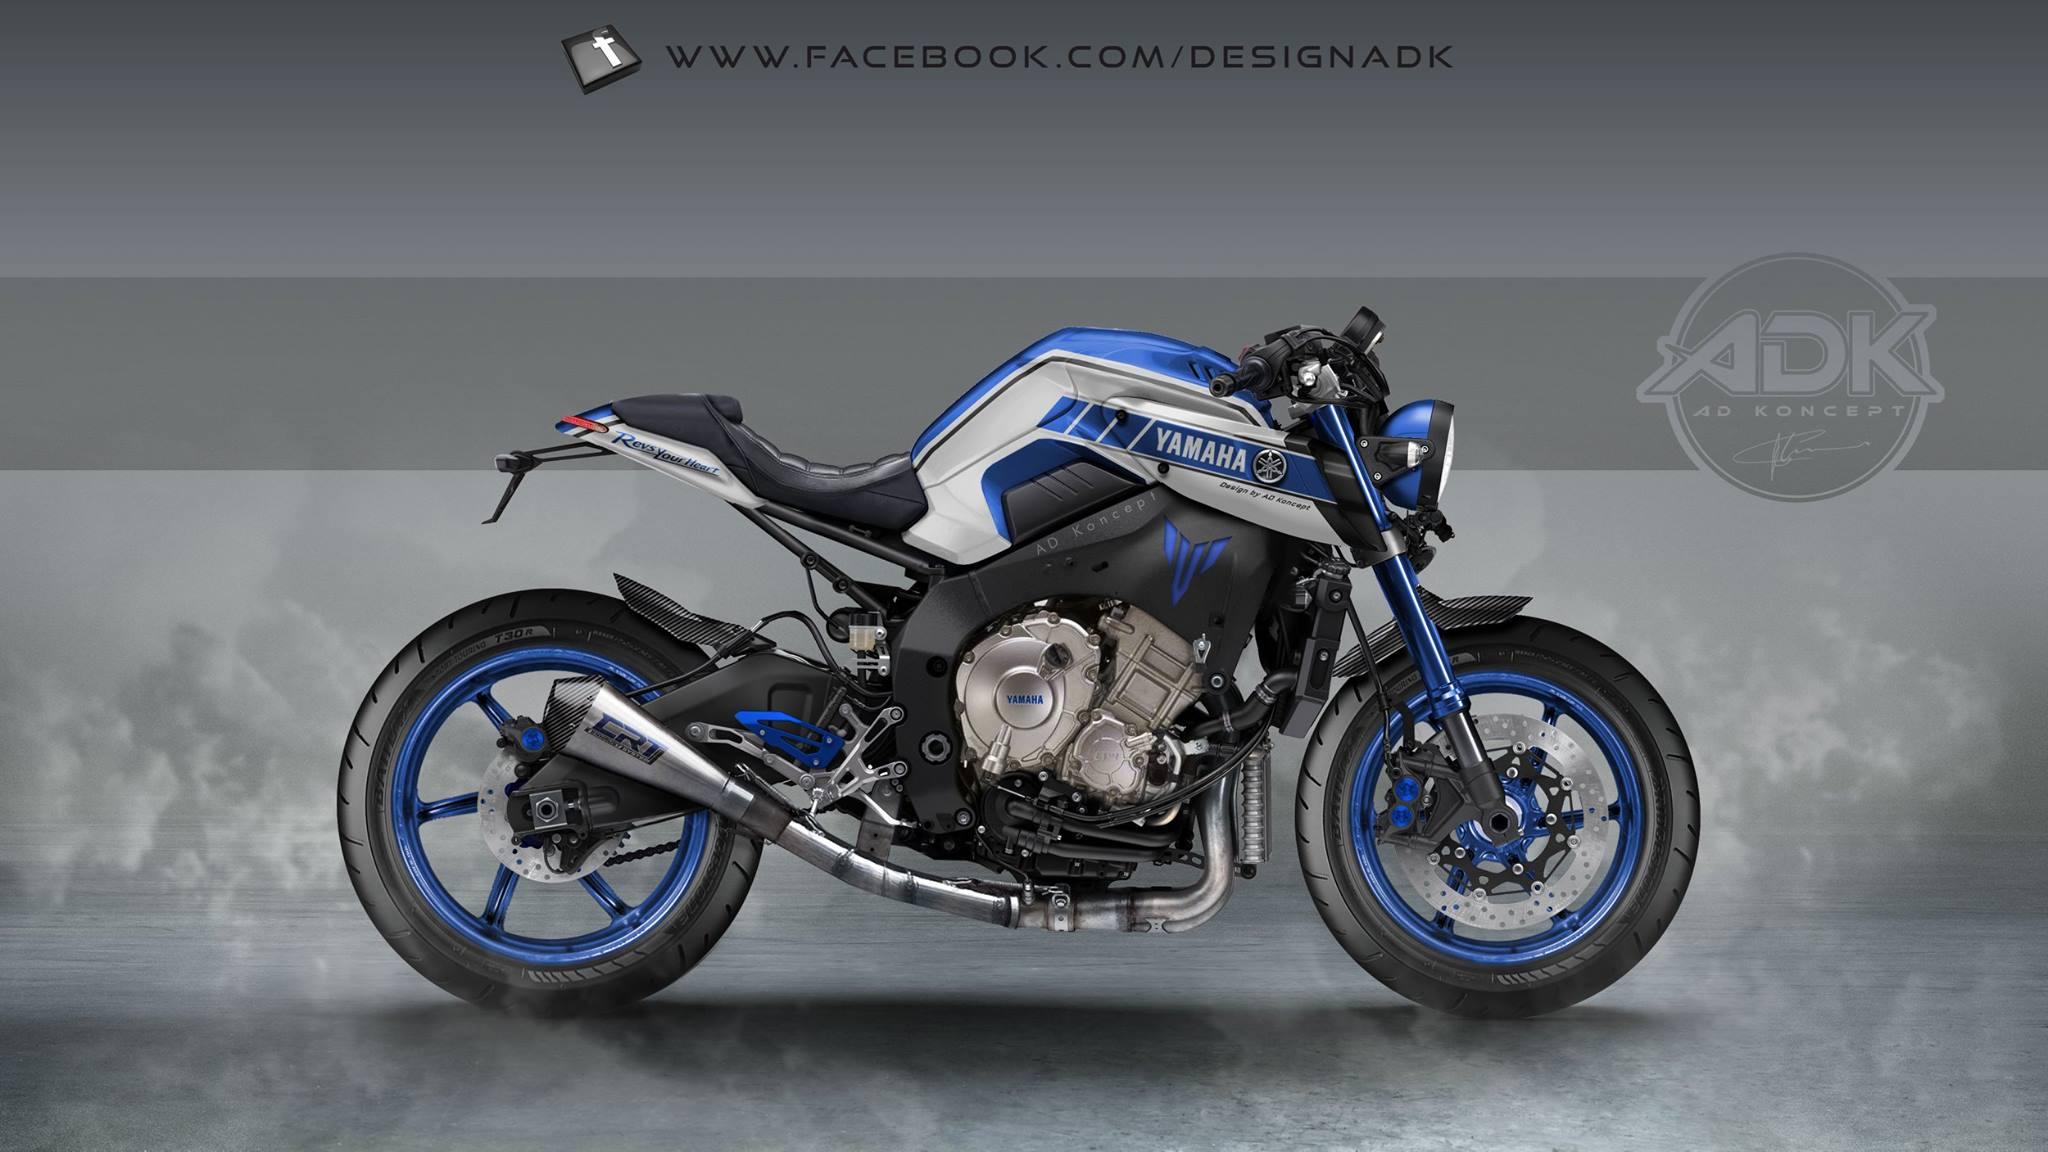 Yamaha Motorcycle Rumors